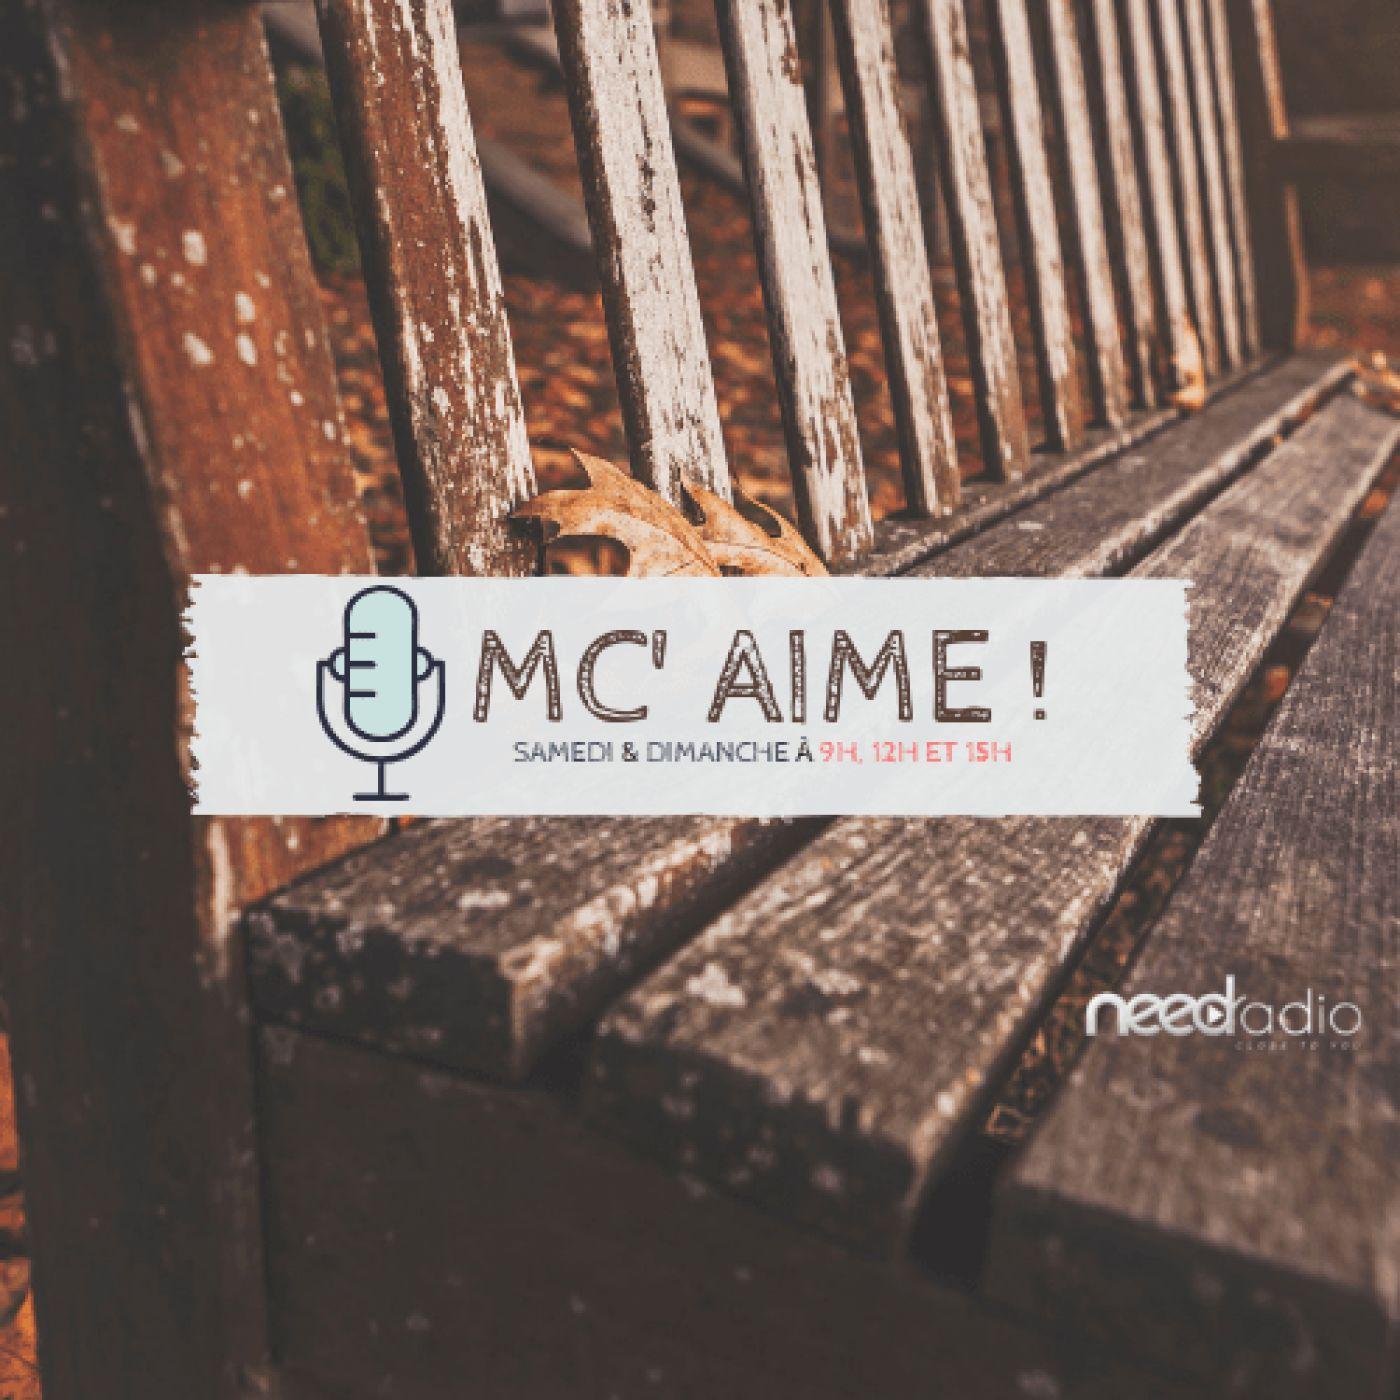 MC' Aime - Tchékhov à la folie au Poche Montparnasse (18/05/19)